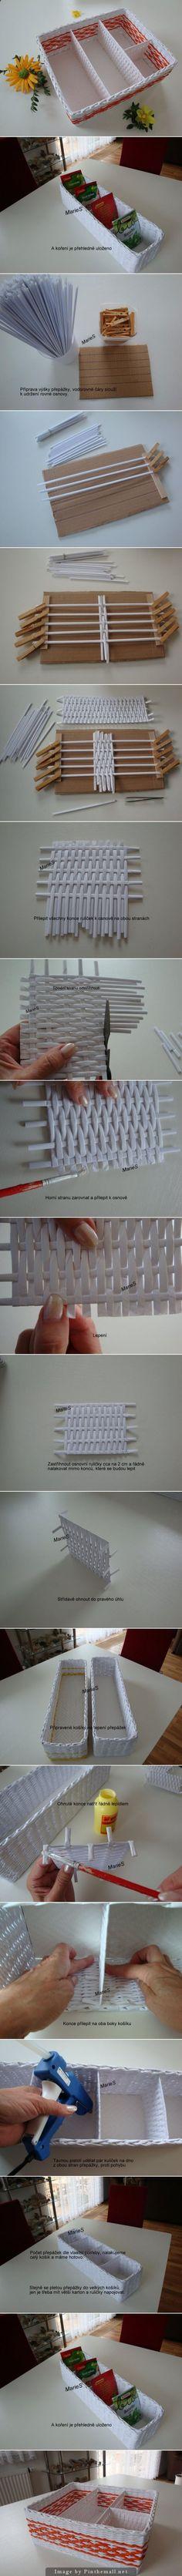 Reciclar, Reutilizar y Reducir : Cómo hacer un organizador con rollos de papel